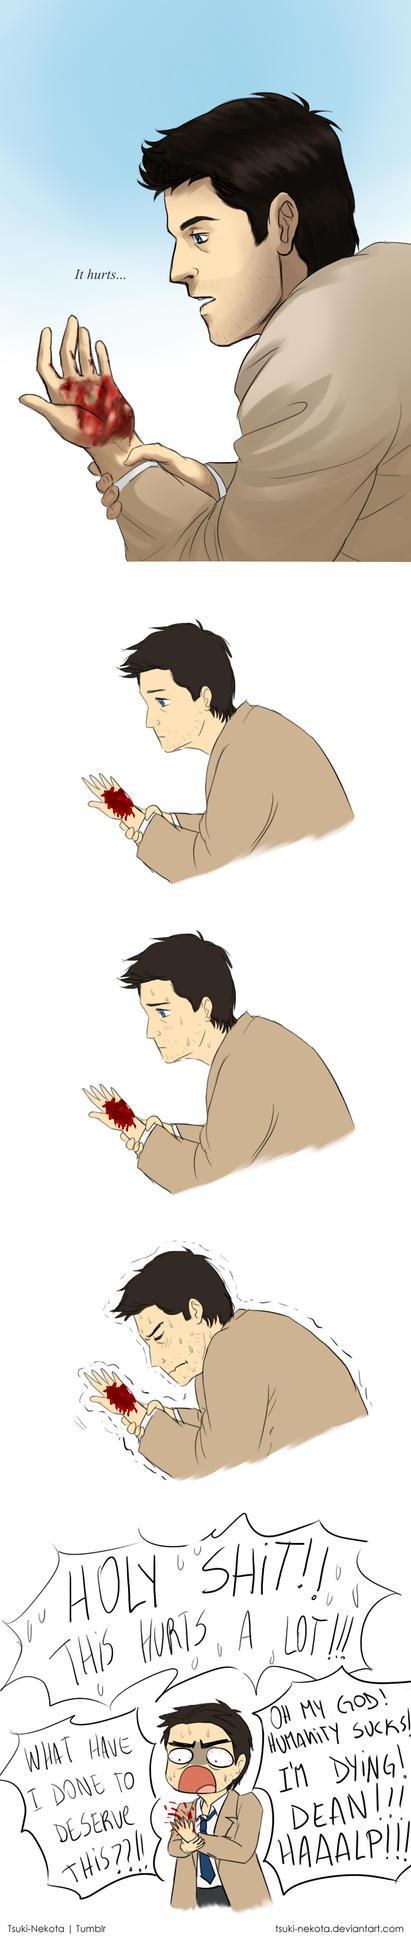 It hurts by Tsuki-Nekota